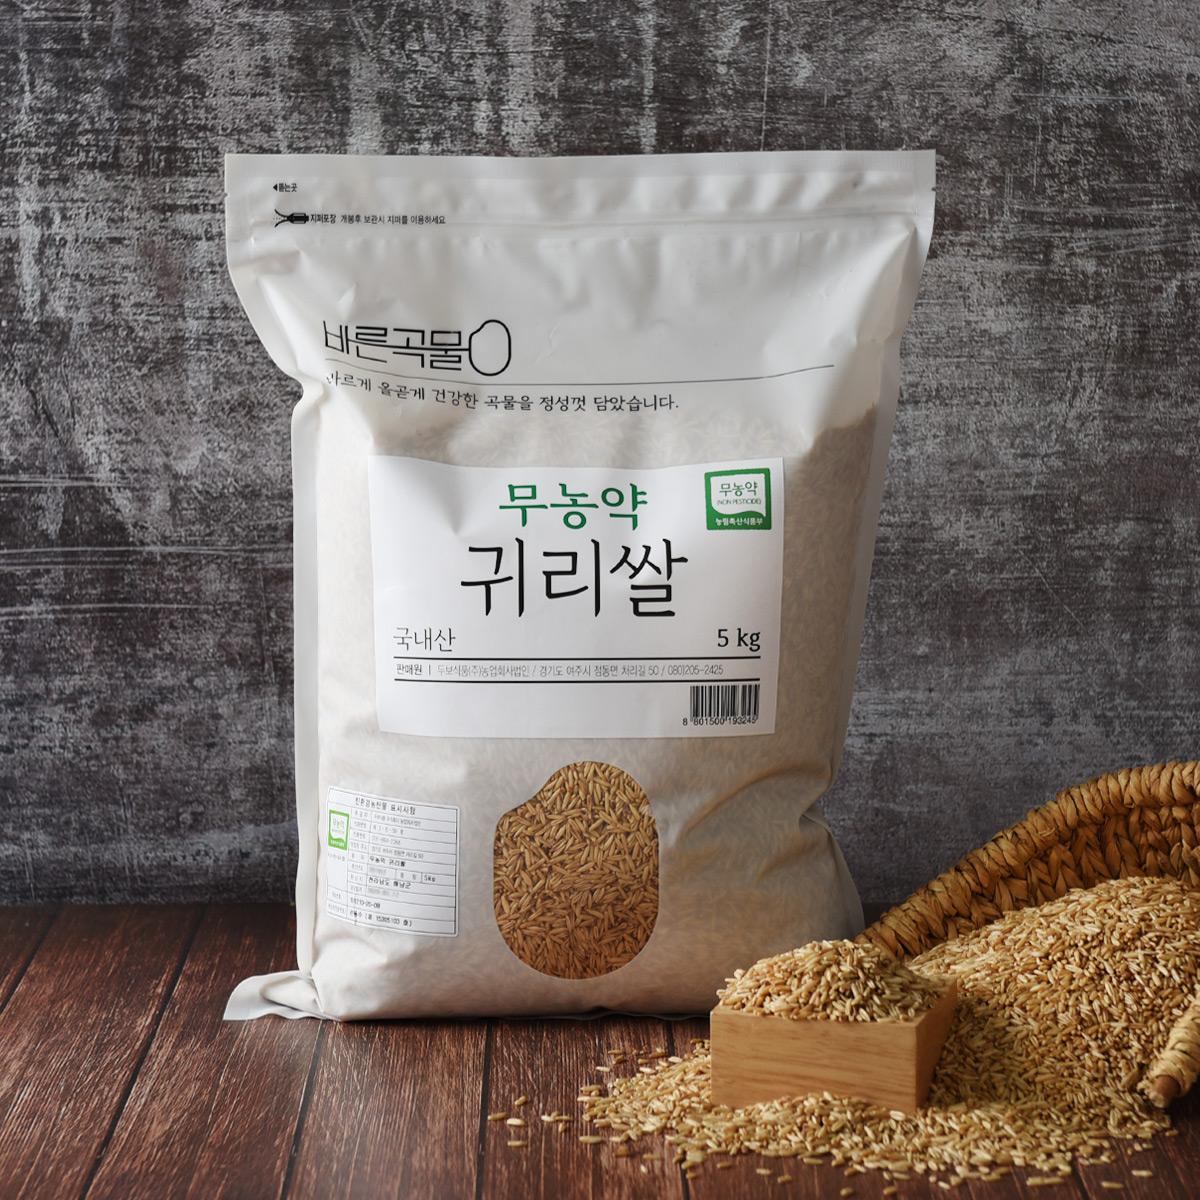 바른곡물 무농약 귀리쌀, 5kg, 1개